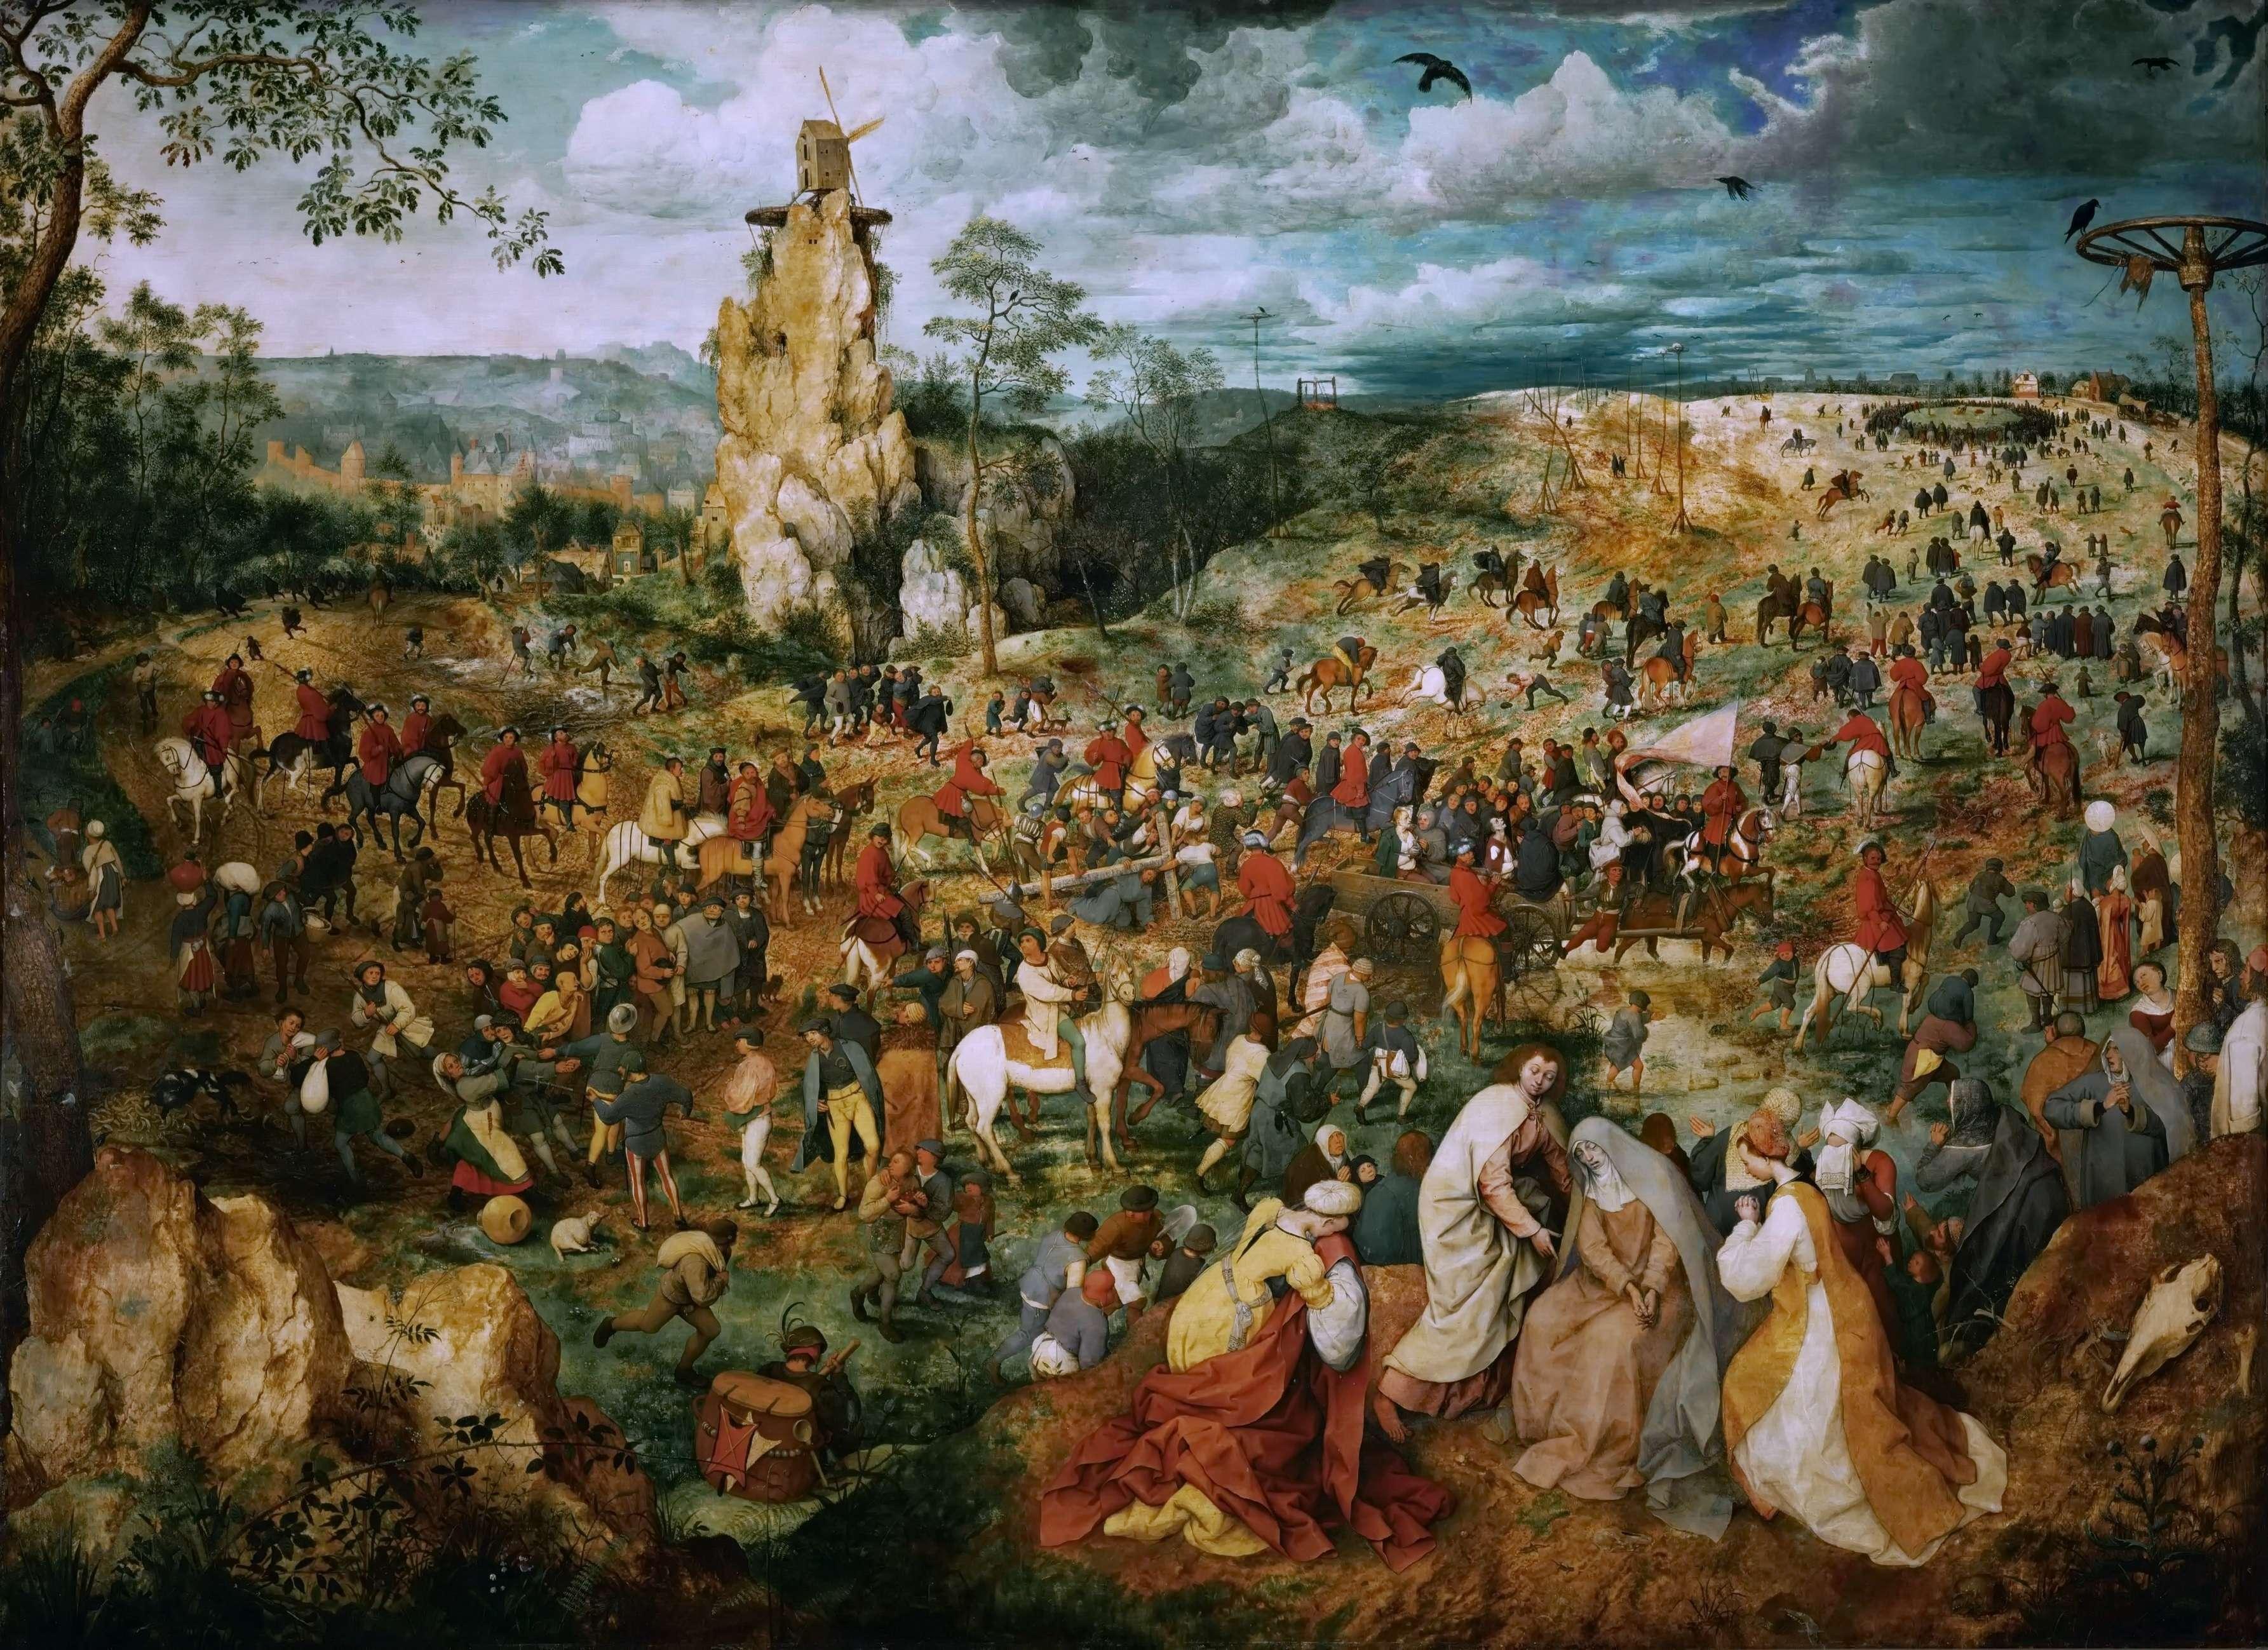 Η Πομπή στο Γολγοθά. Πίτερ Μπρίγκελ ή Μπρέγκελ ο πρεσβύτερος (φλαμανδικά: Pieter Bruegel, περ. 1525-1530 – Βρυξέλλες, 1569). The Procession to Calvary, 1564, Bruegel's second largest painting at 124 cm × 170 cm (49 in × 67 in)